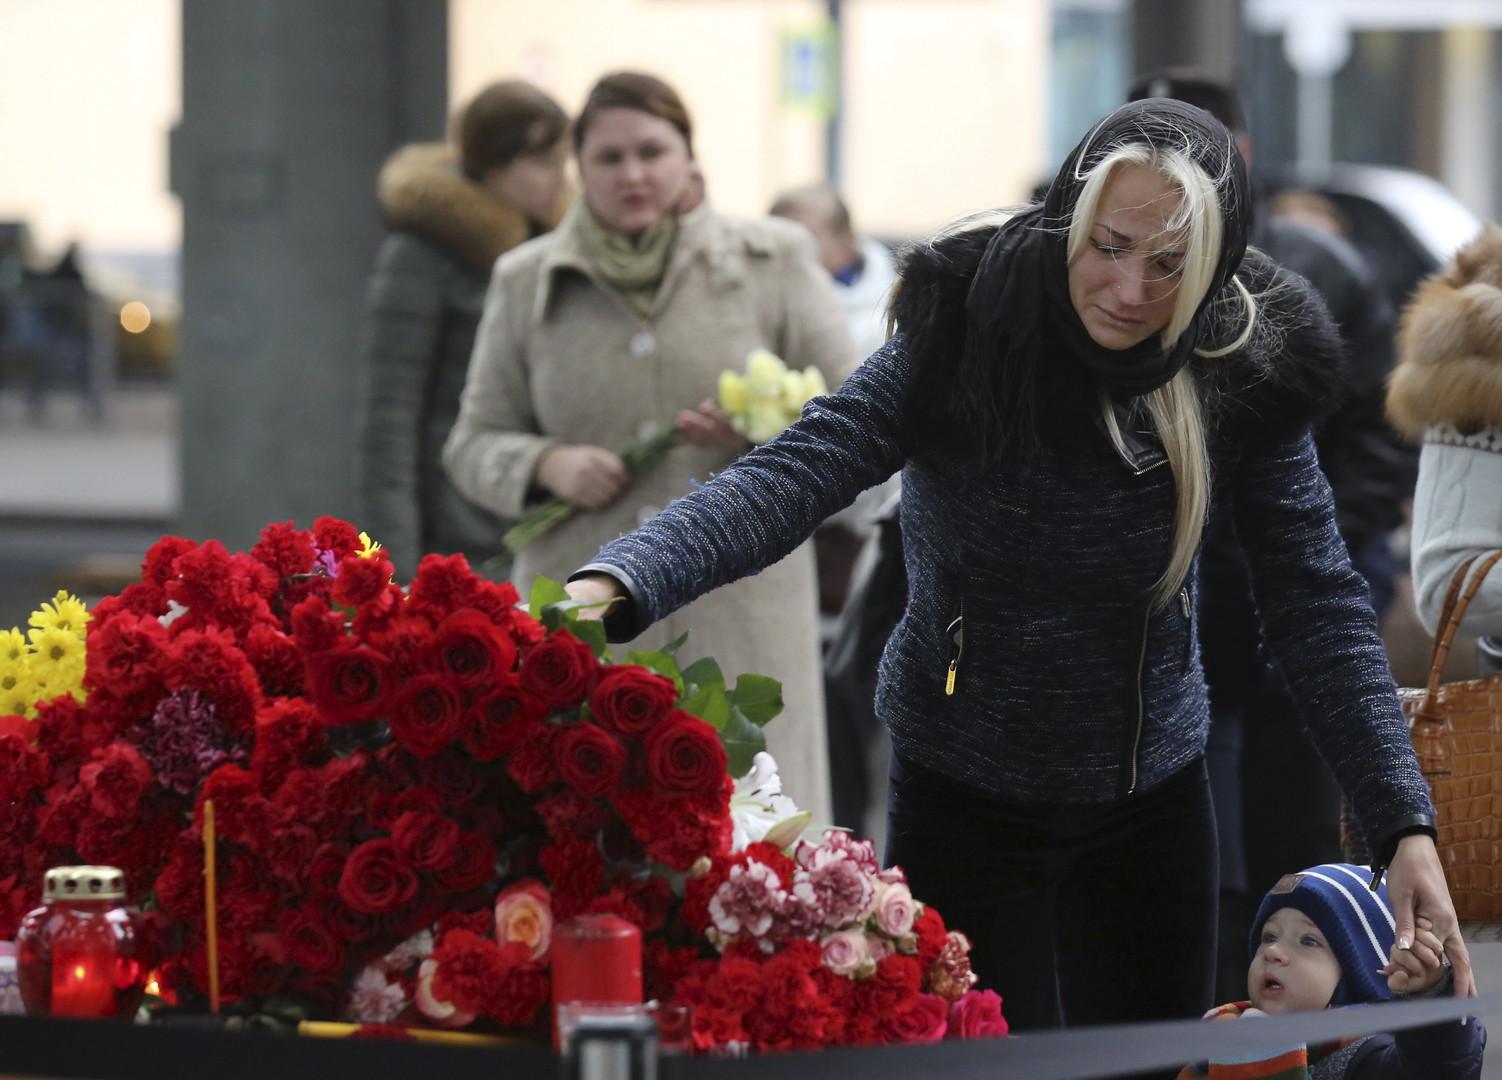 Une femme dépose une gerbe de fleurs près de l'aéroport de Poulkovo à Saint-Pétersbourg, en mémoire des victimes du crash